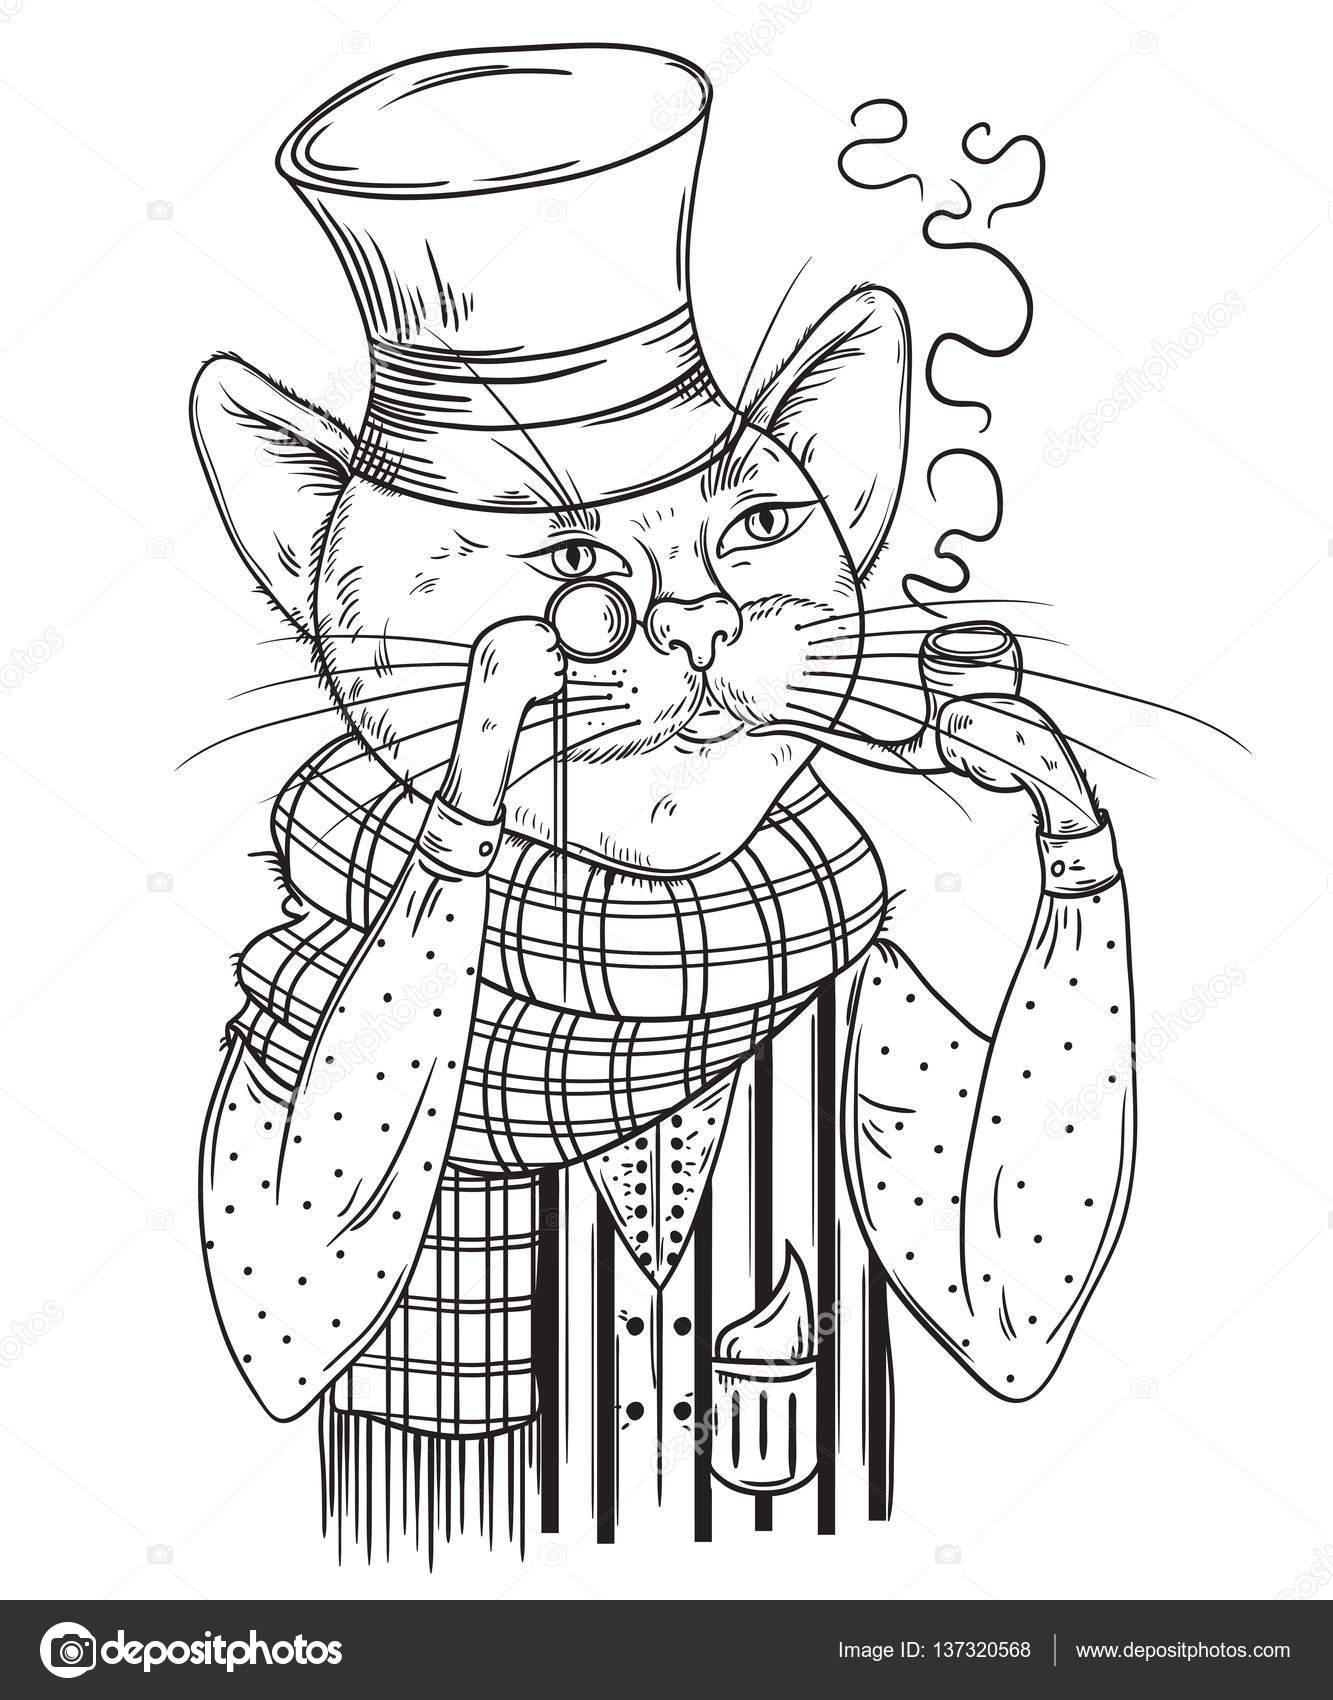 16bd7cdd442 Cat pán v buřince